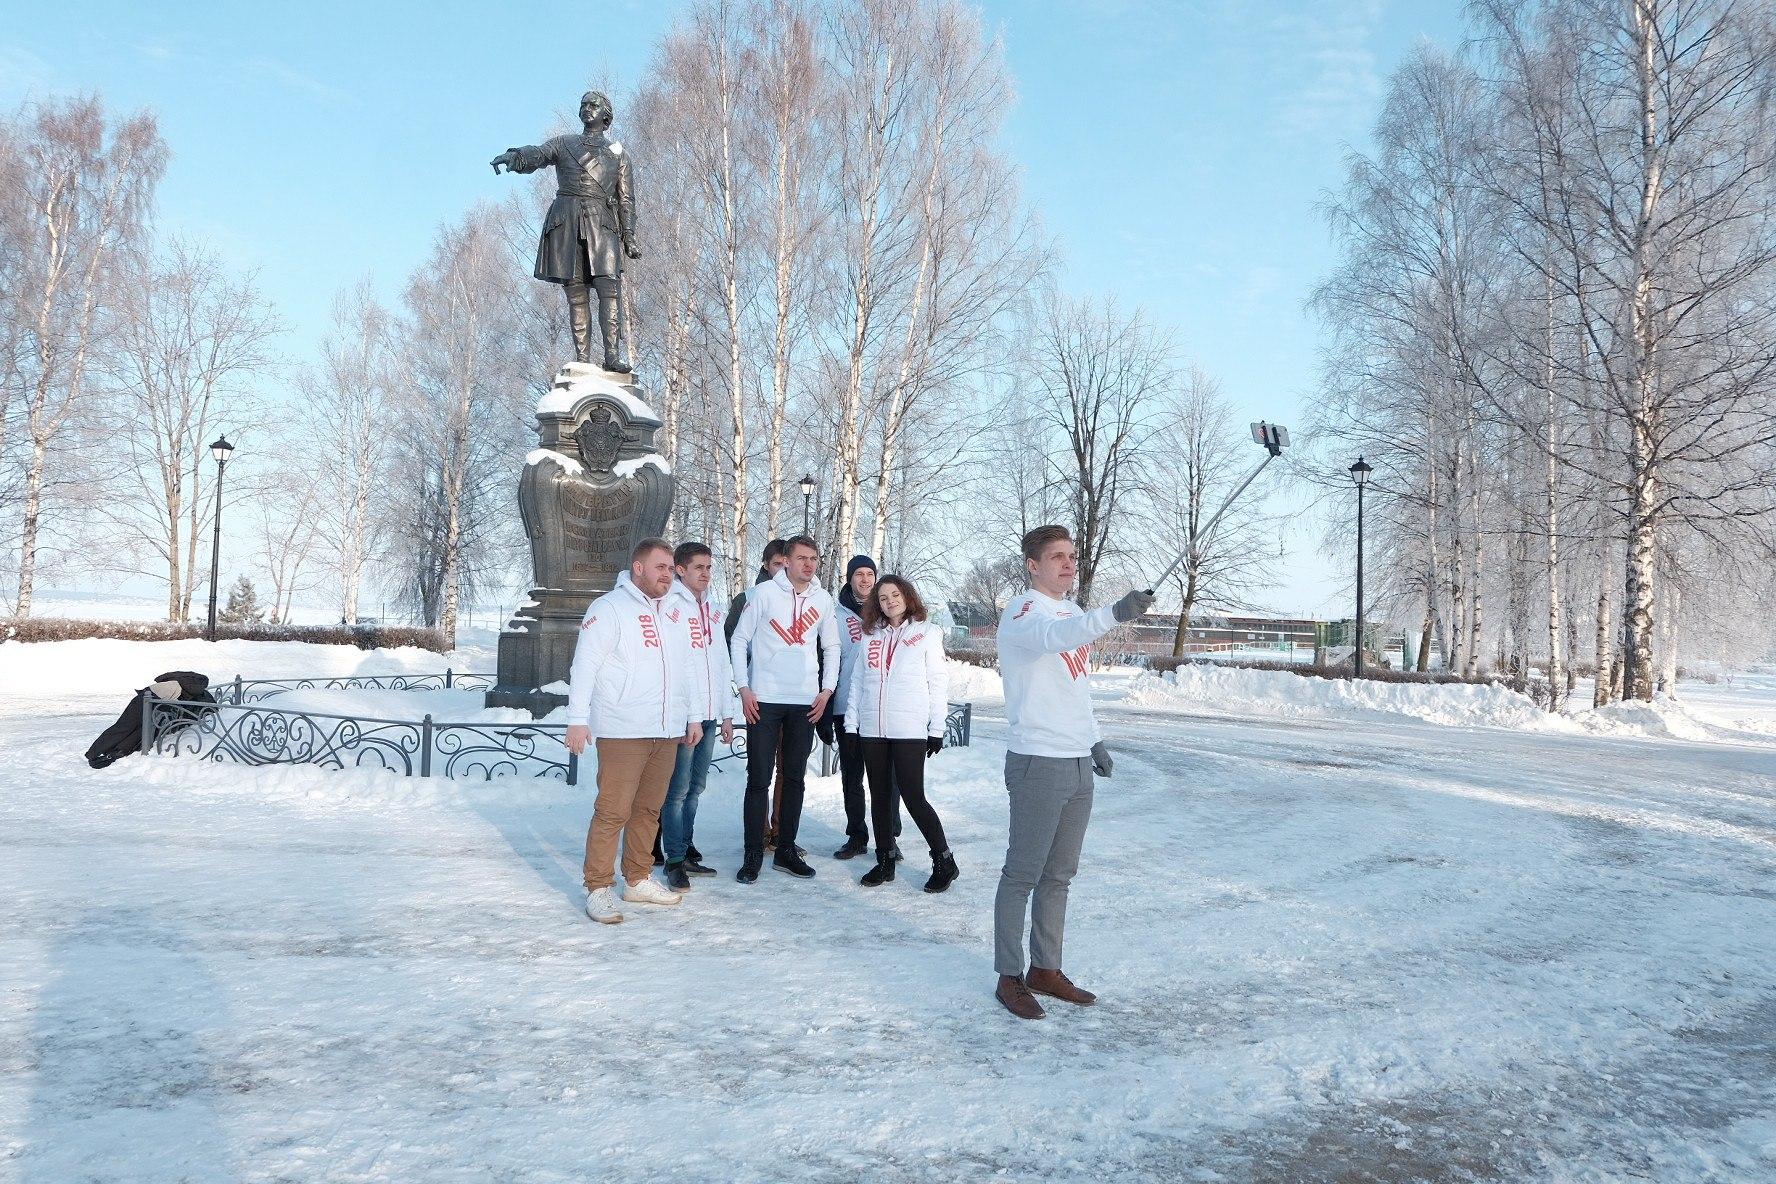 Волонтеры Путина передали коллегам привет на карельском языке